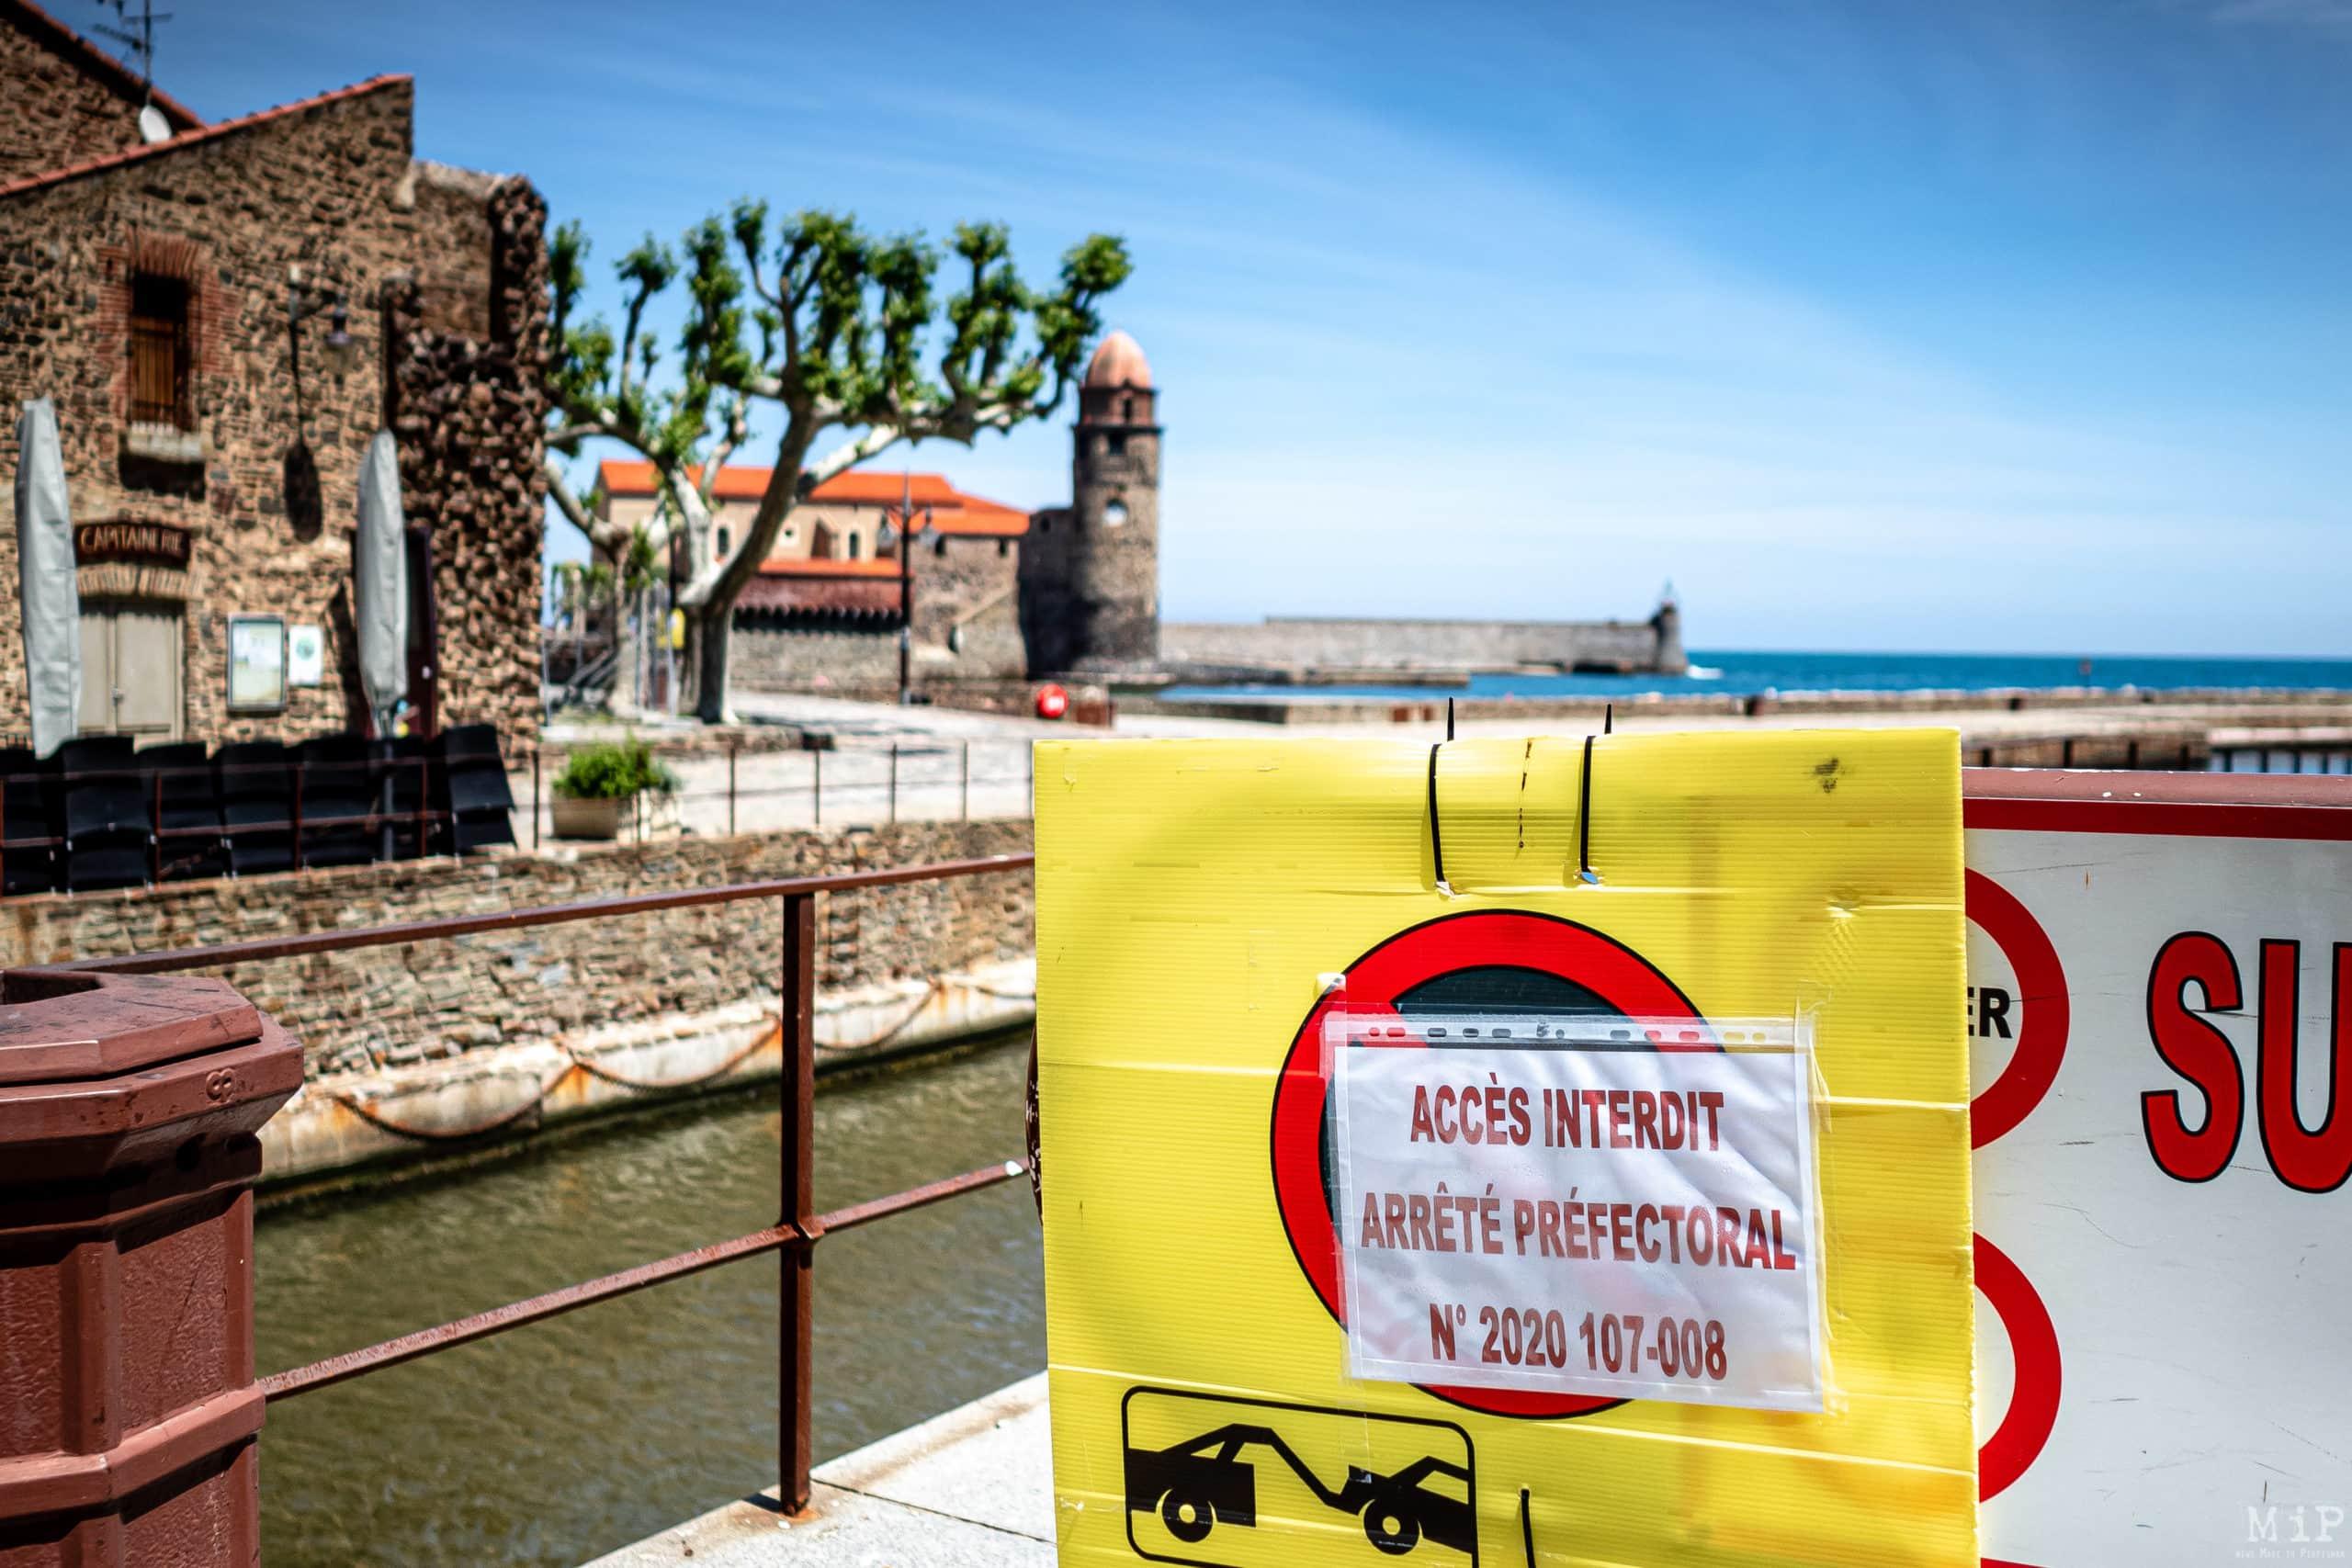 07/05/2020, Collioure, France, Illustration déconfinement interdiction plages, bord de mer, terrasses des cafés et restaurants © Arnaud Le Vu / MiP / APM